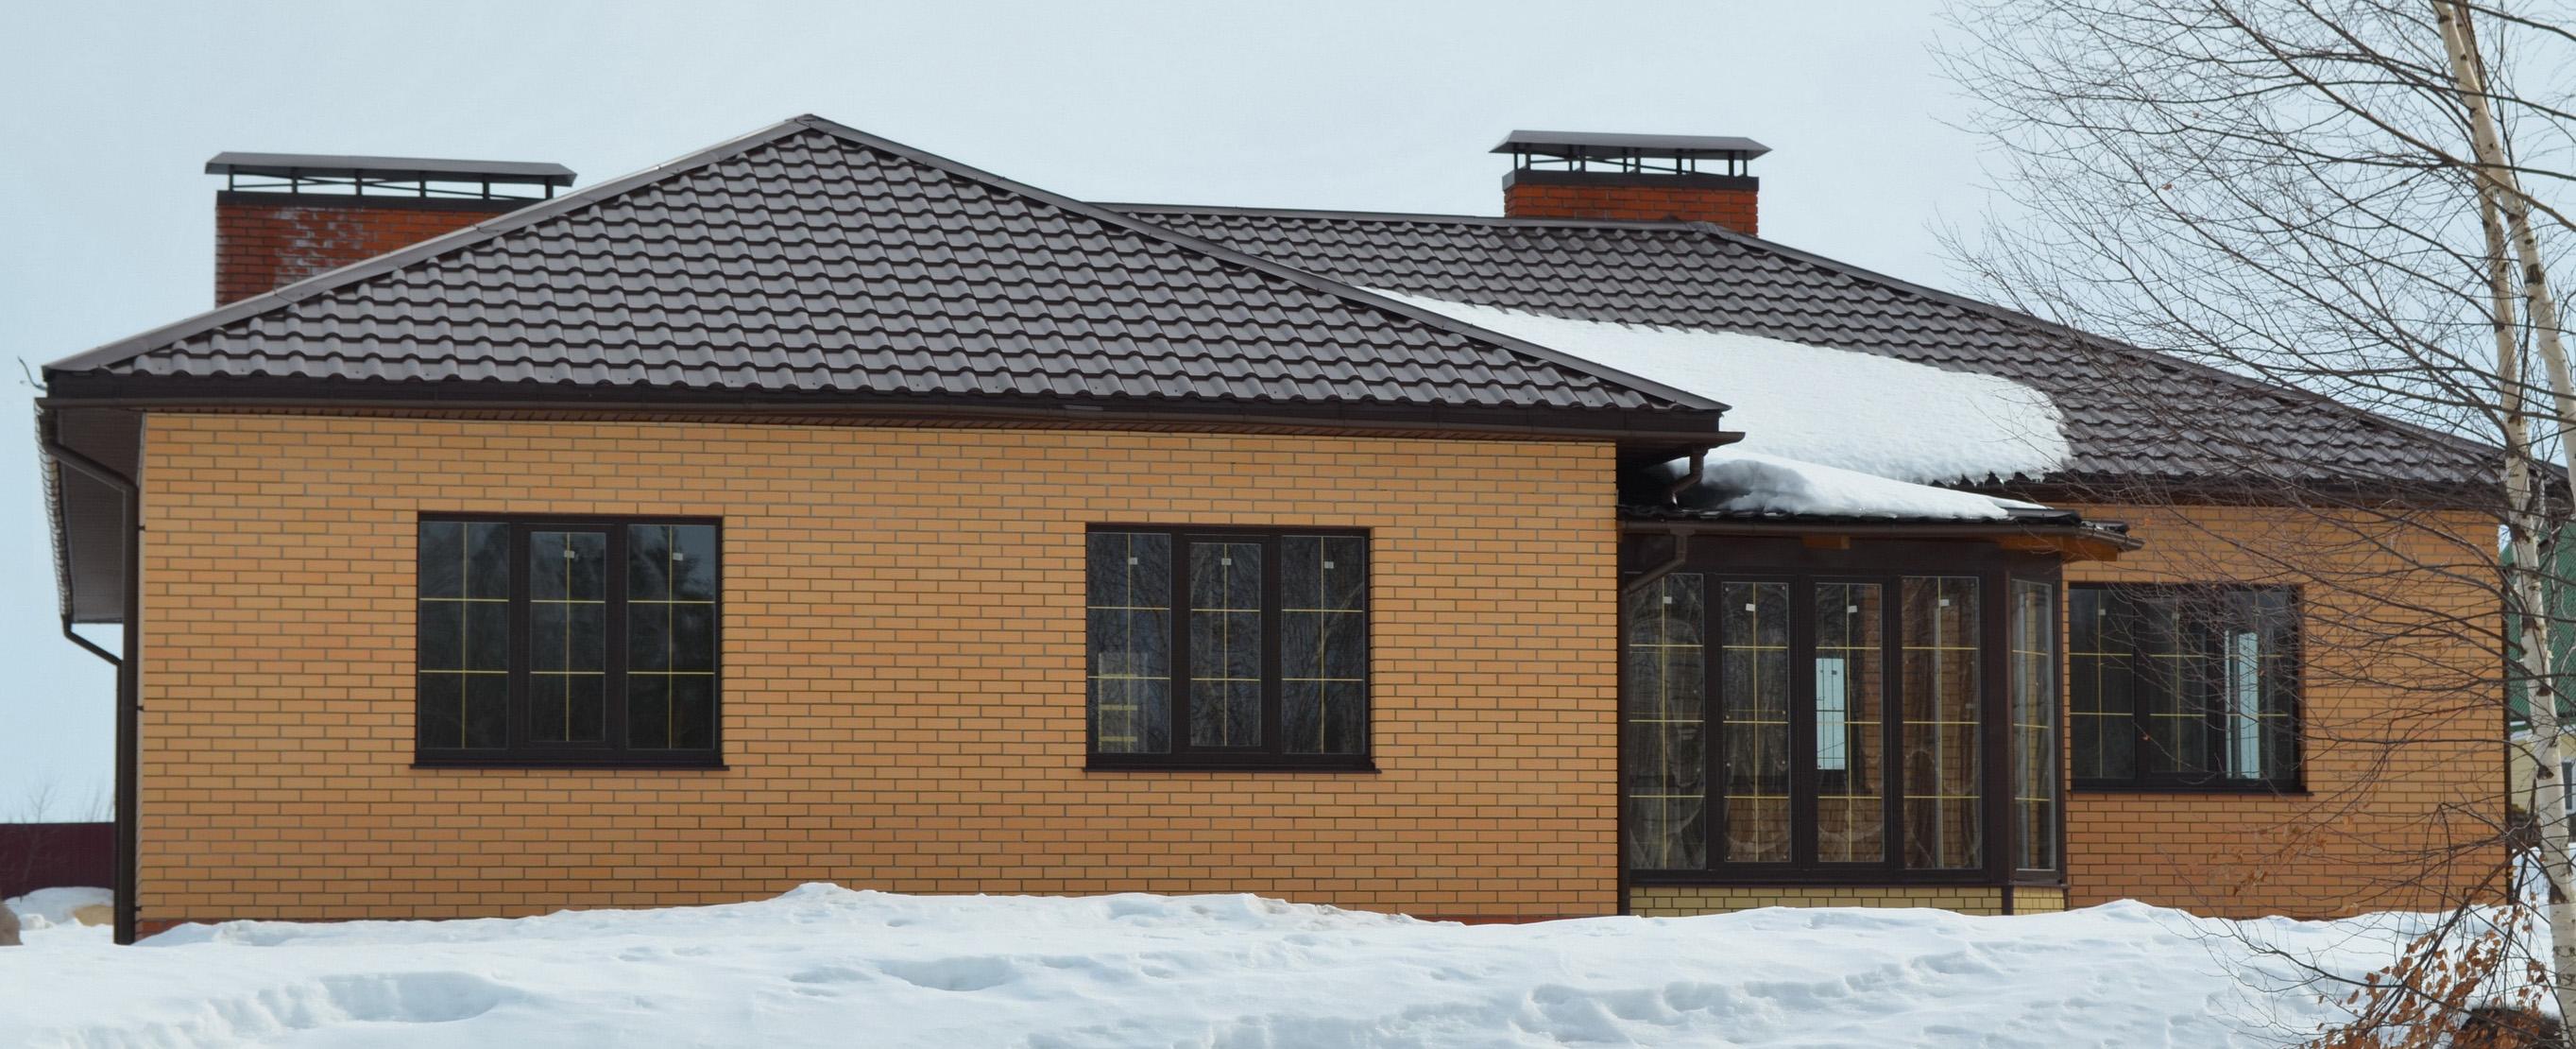 Строительство домов в республике Марий Эл: одноэтажный кирпичный коттедж